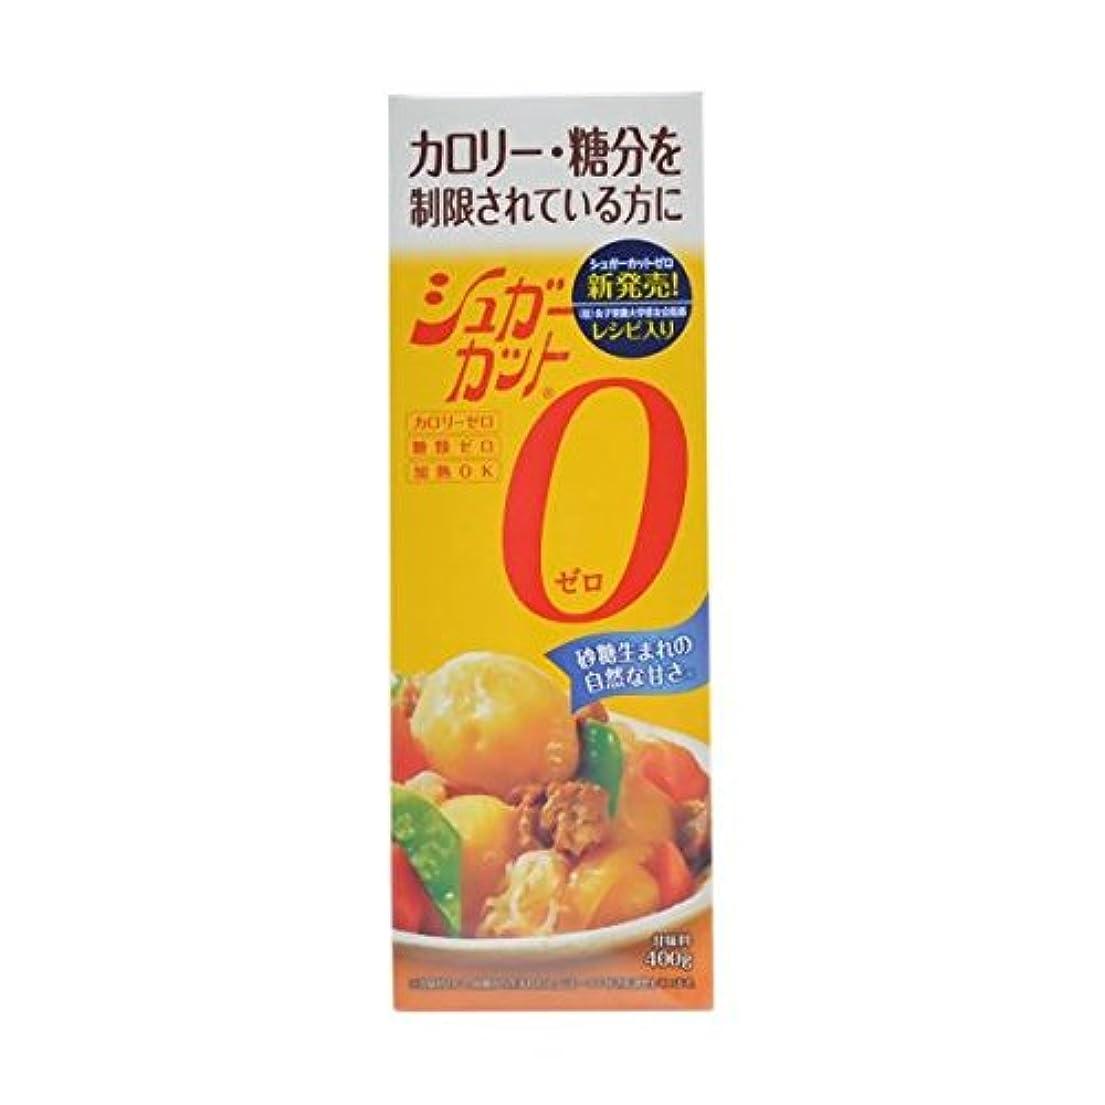 ぐったりブラジャー貢献浅田飴 シュガーカットゼロ 400g【2個セット】